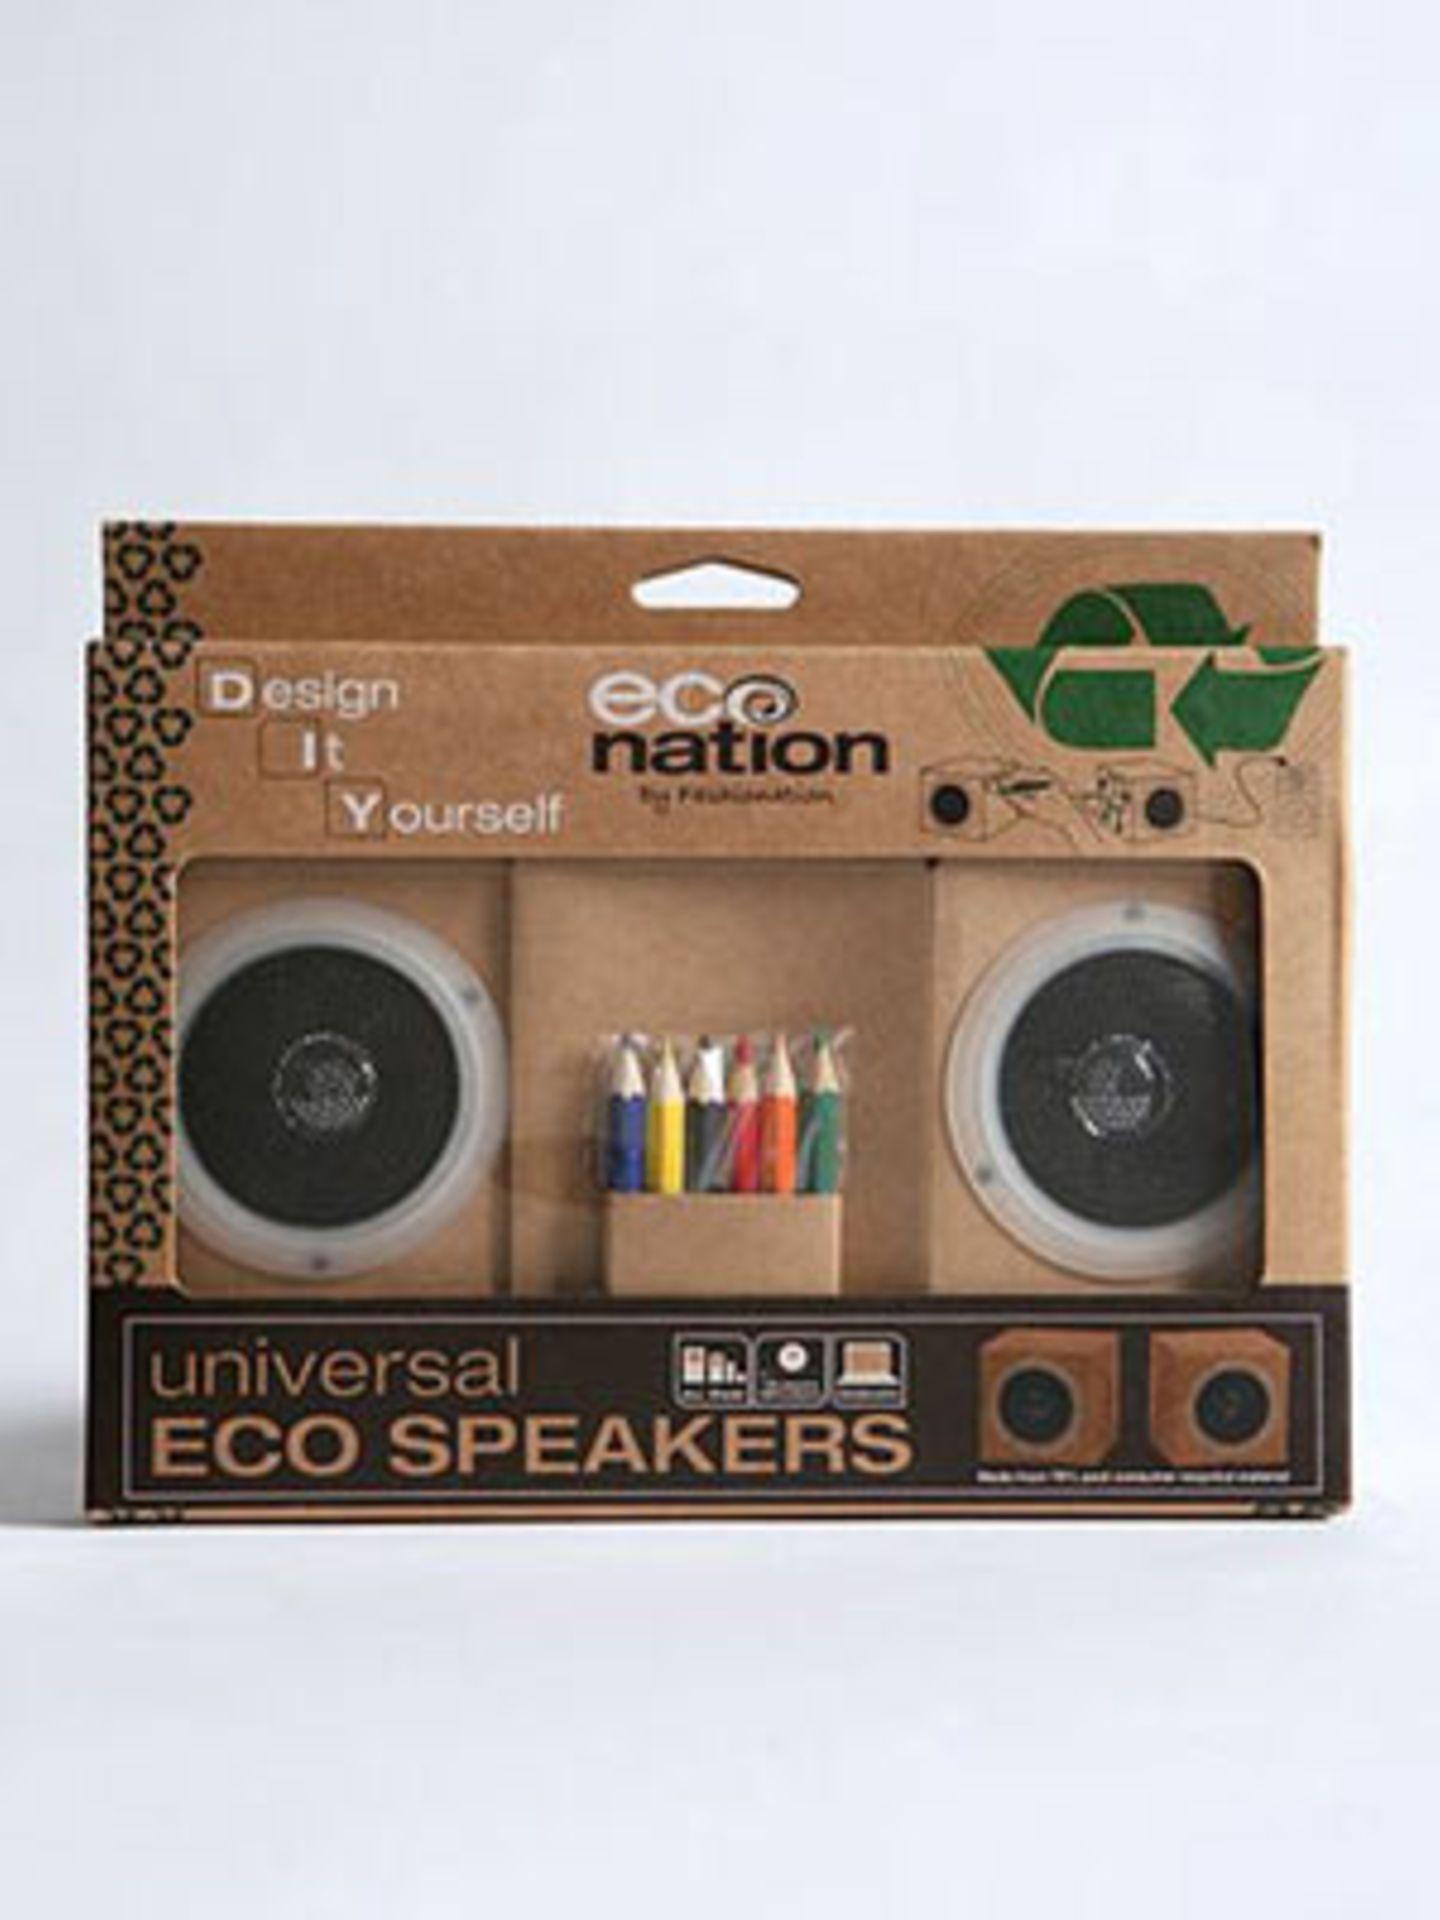 Bastel dir deine individuellen Lieblingslautsprecher! Die kleinen Boxen sind aus recyceltem Material hergestellt und werden mit sechs Buntstiften geliefert, so dass du sie dir so anmalen kannst, wie es dir gefällt. Von Urban Outfitters, um 18 Euro.